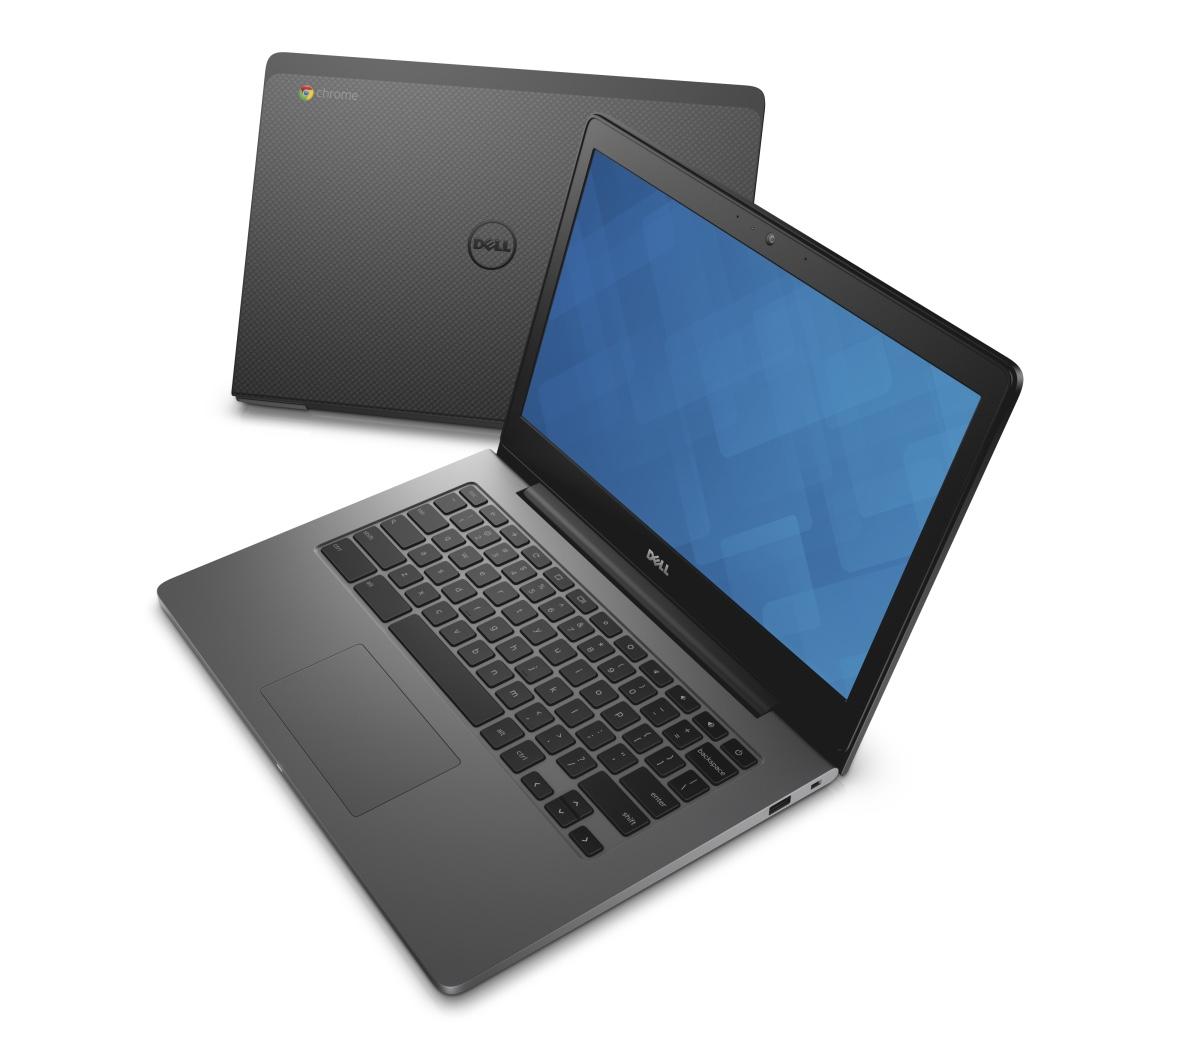 Dell Chromebook 13 icon ok 1200